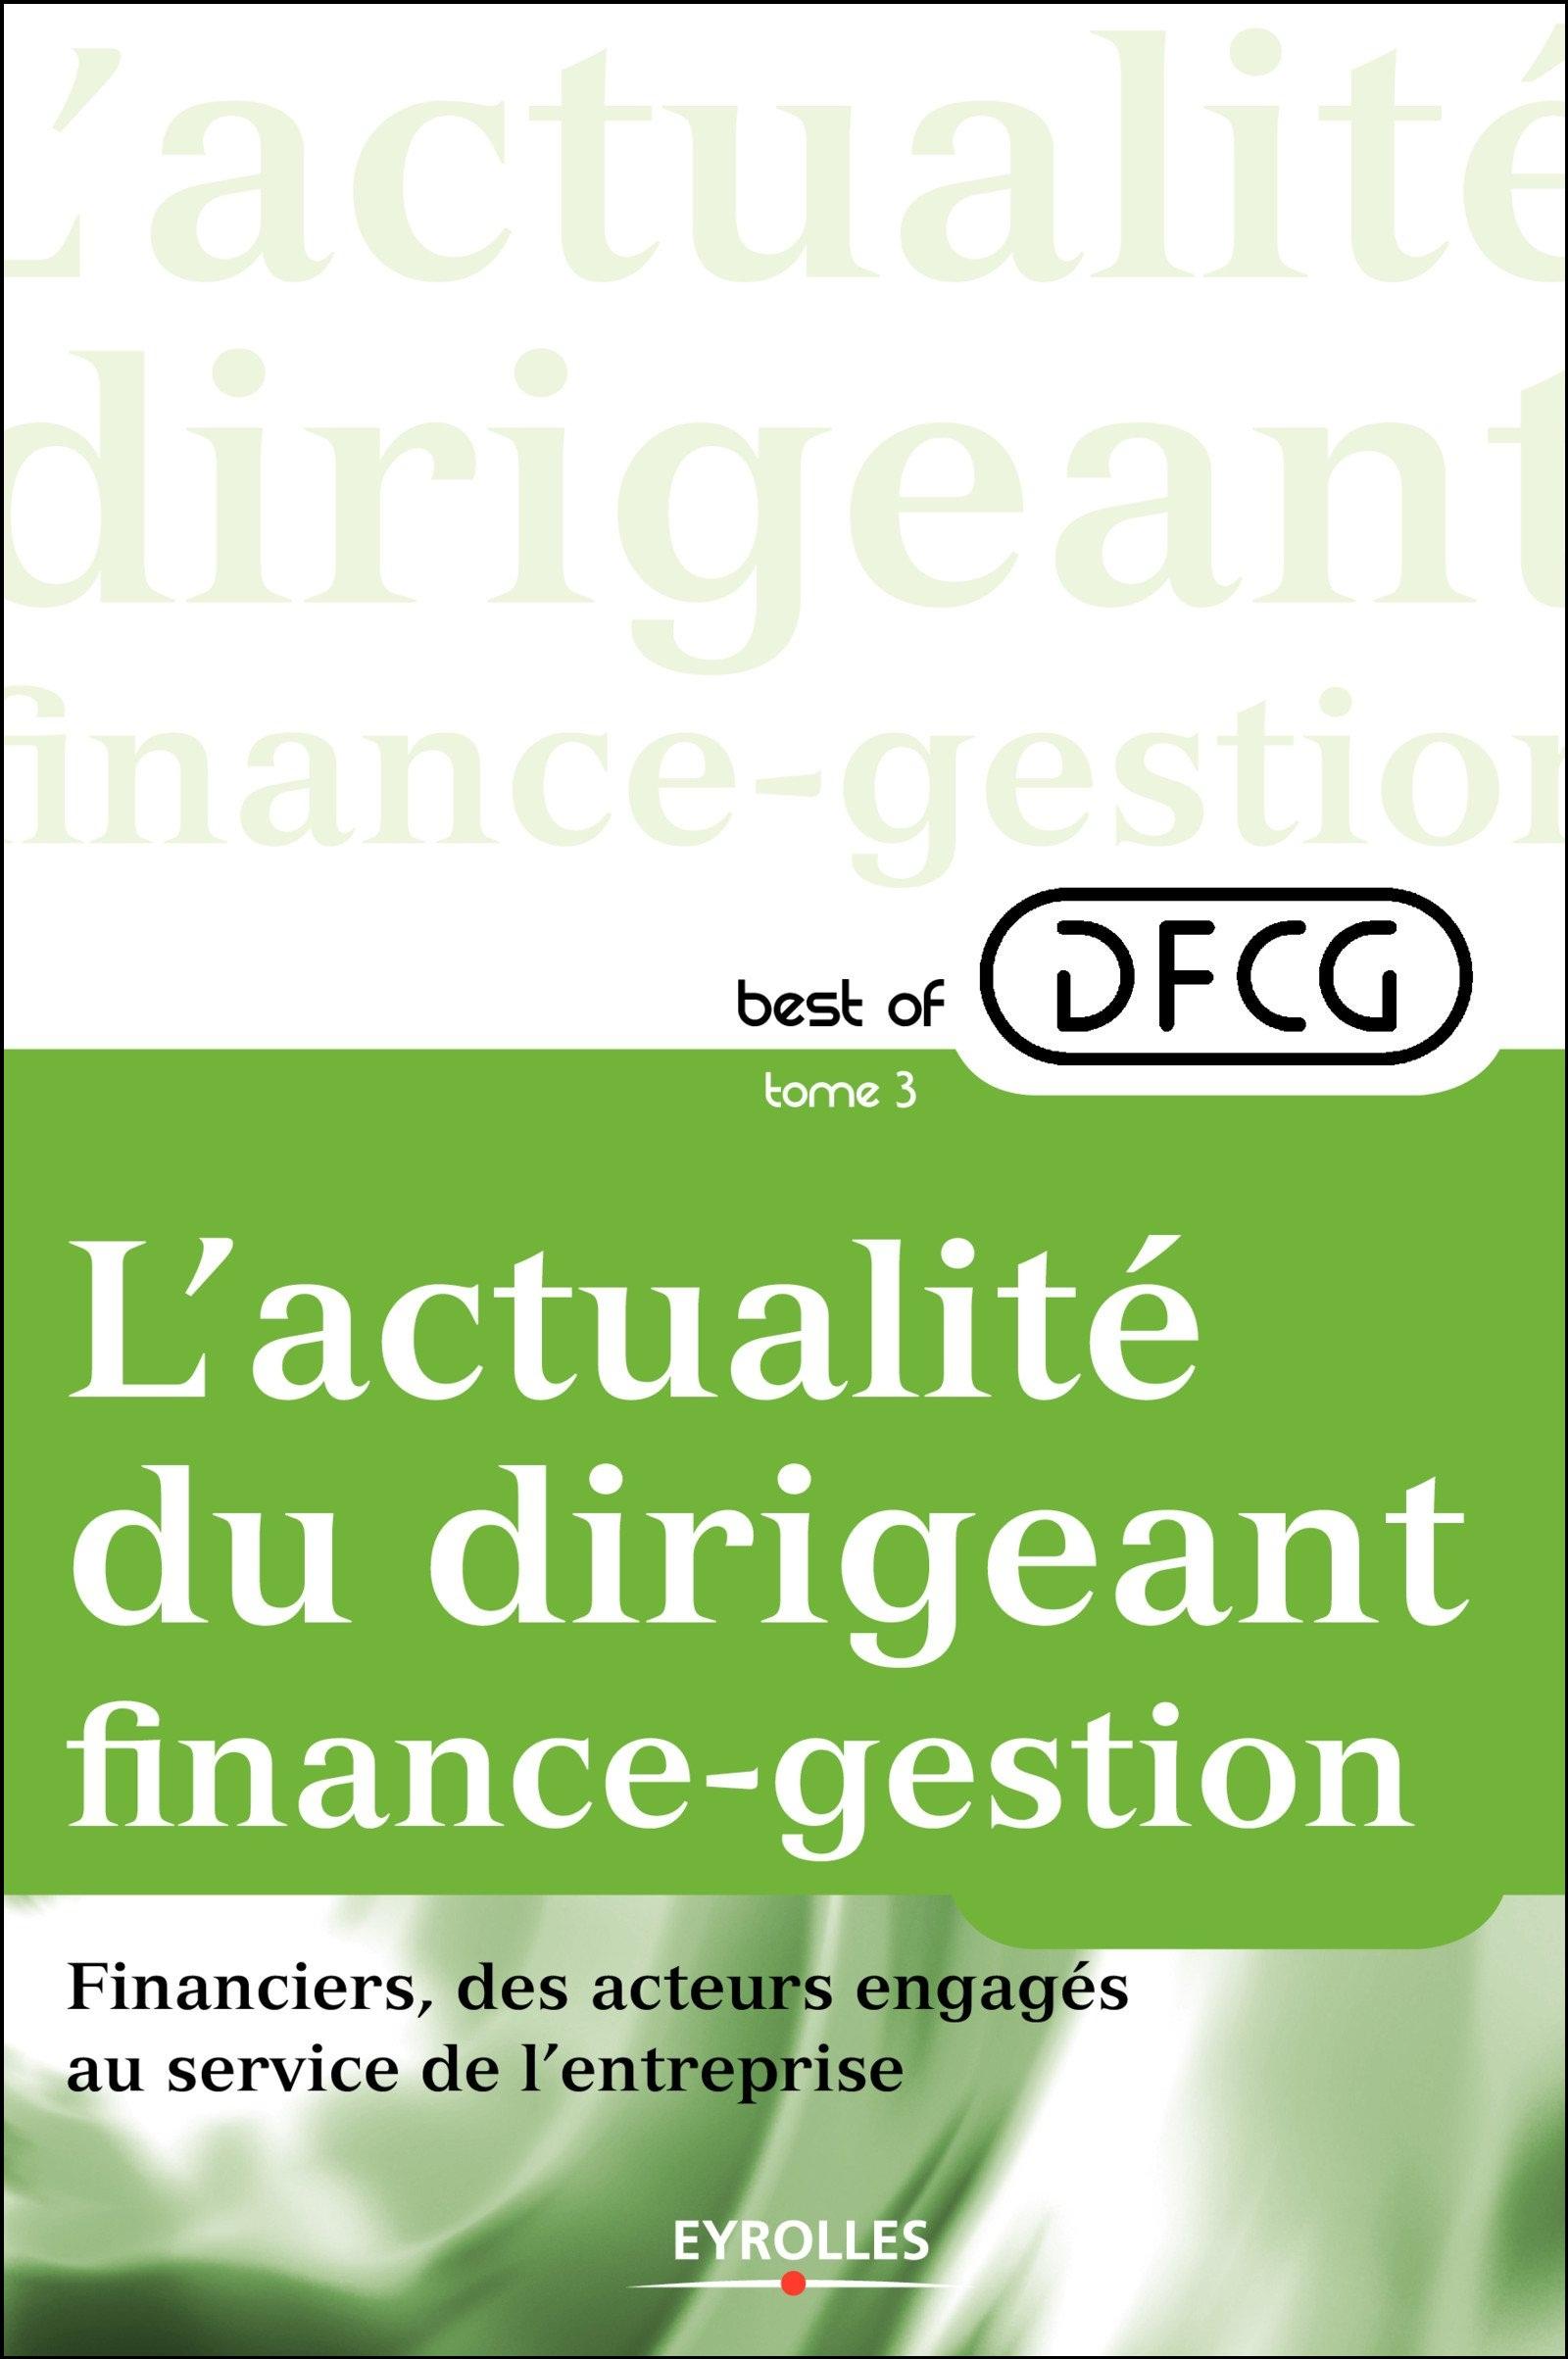 télécharger L'actualité du dirigeant finance-gestion - Tome 3 - Financiers, des acteurs engagés au service de l'entreprise